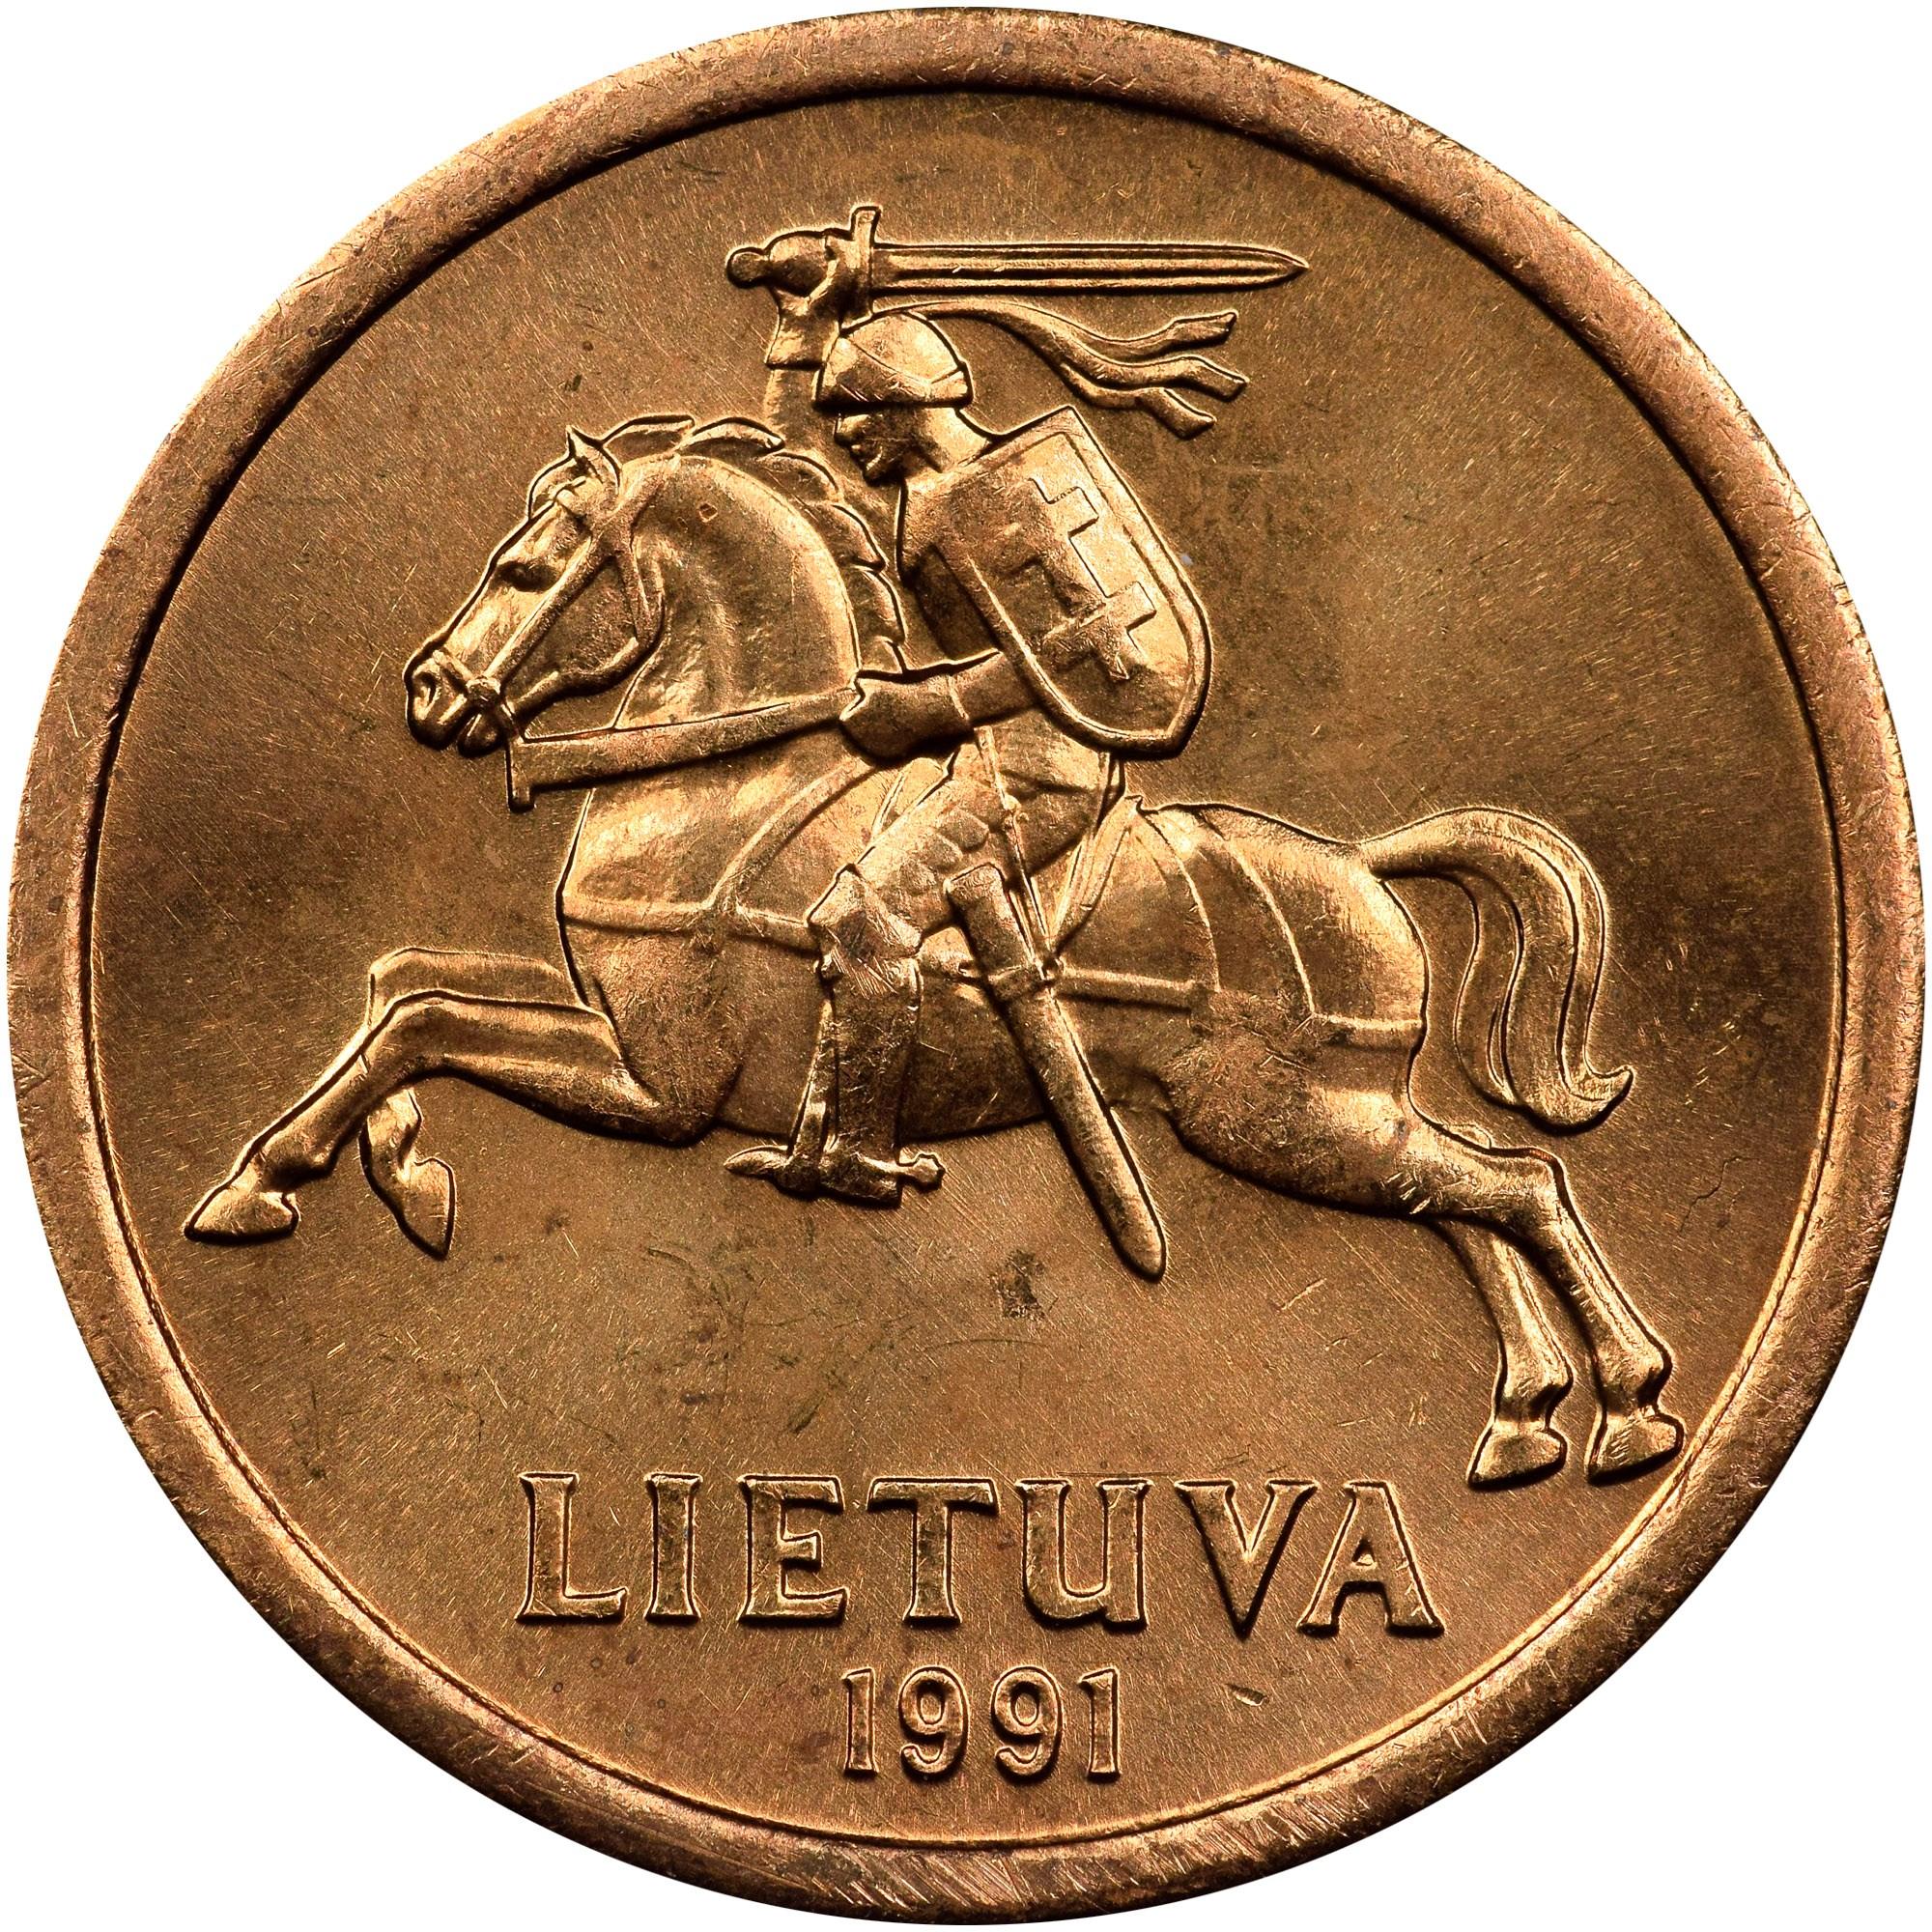 Lithuania 10 Centų obverse